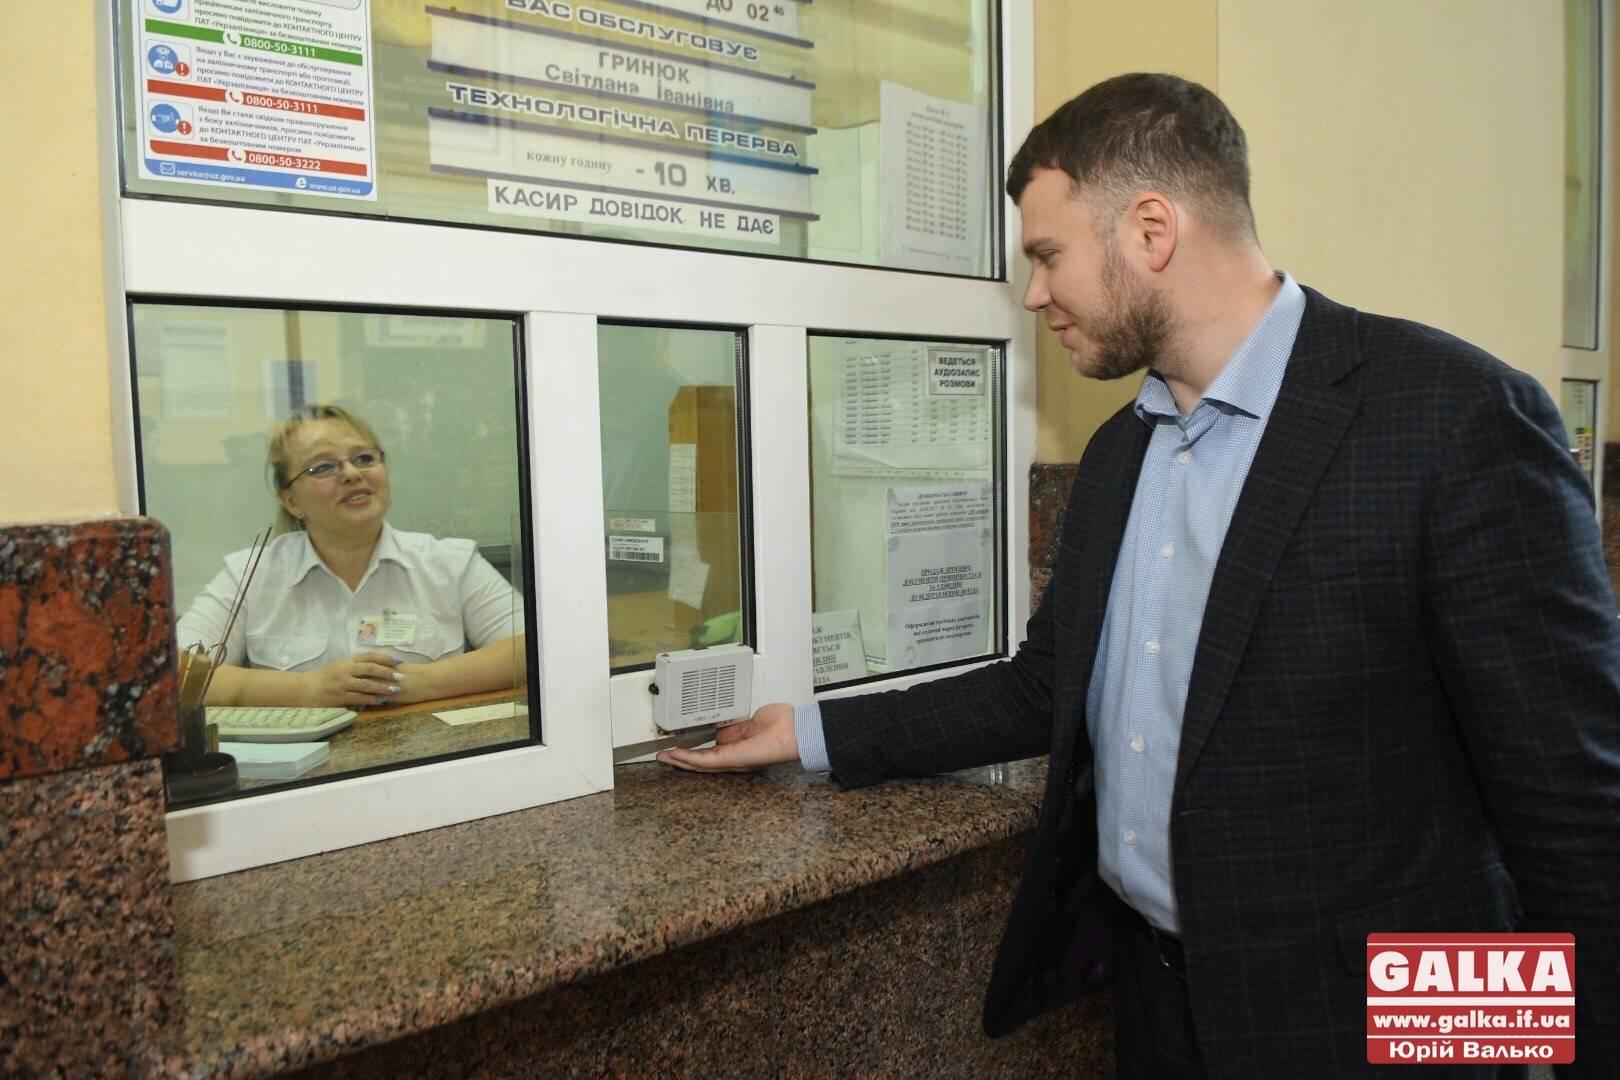 Ваш вокзал збитковий, а може приносити прибуток, – міністр інфраструктури у Франківську (ФОТО)